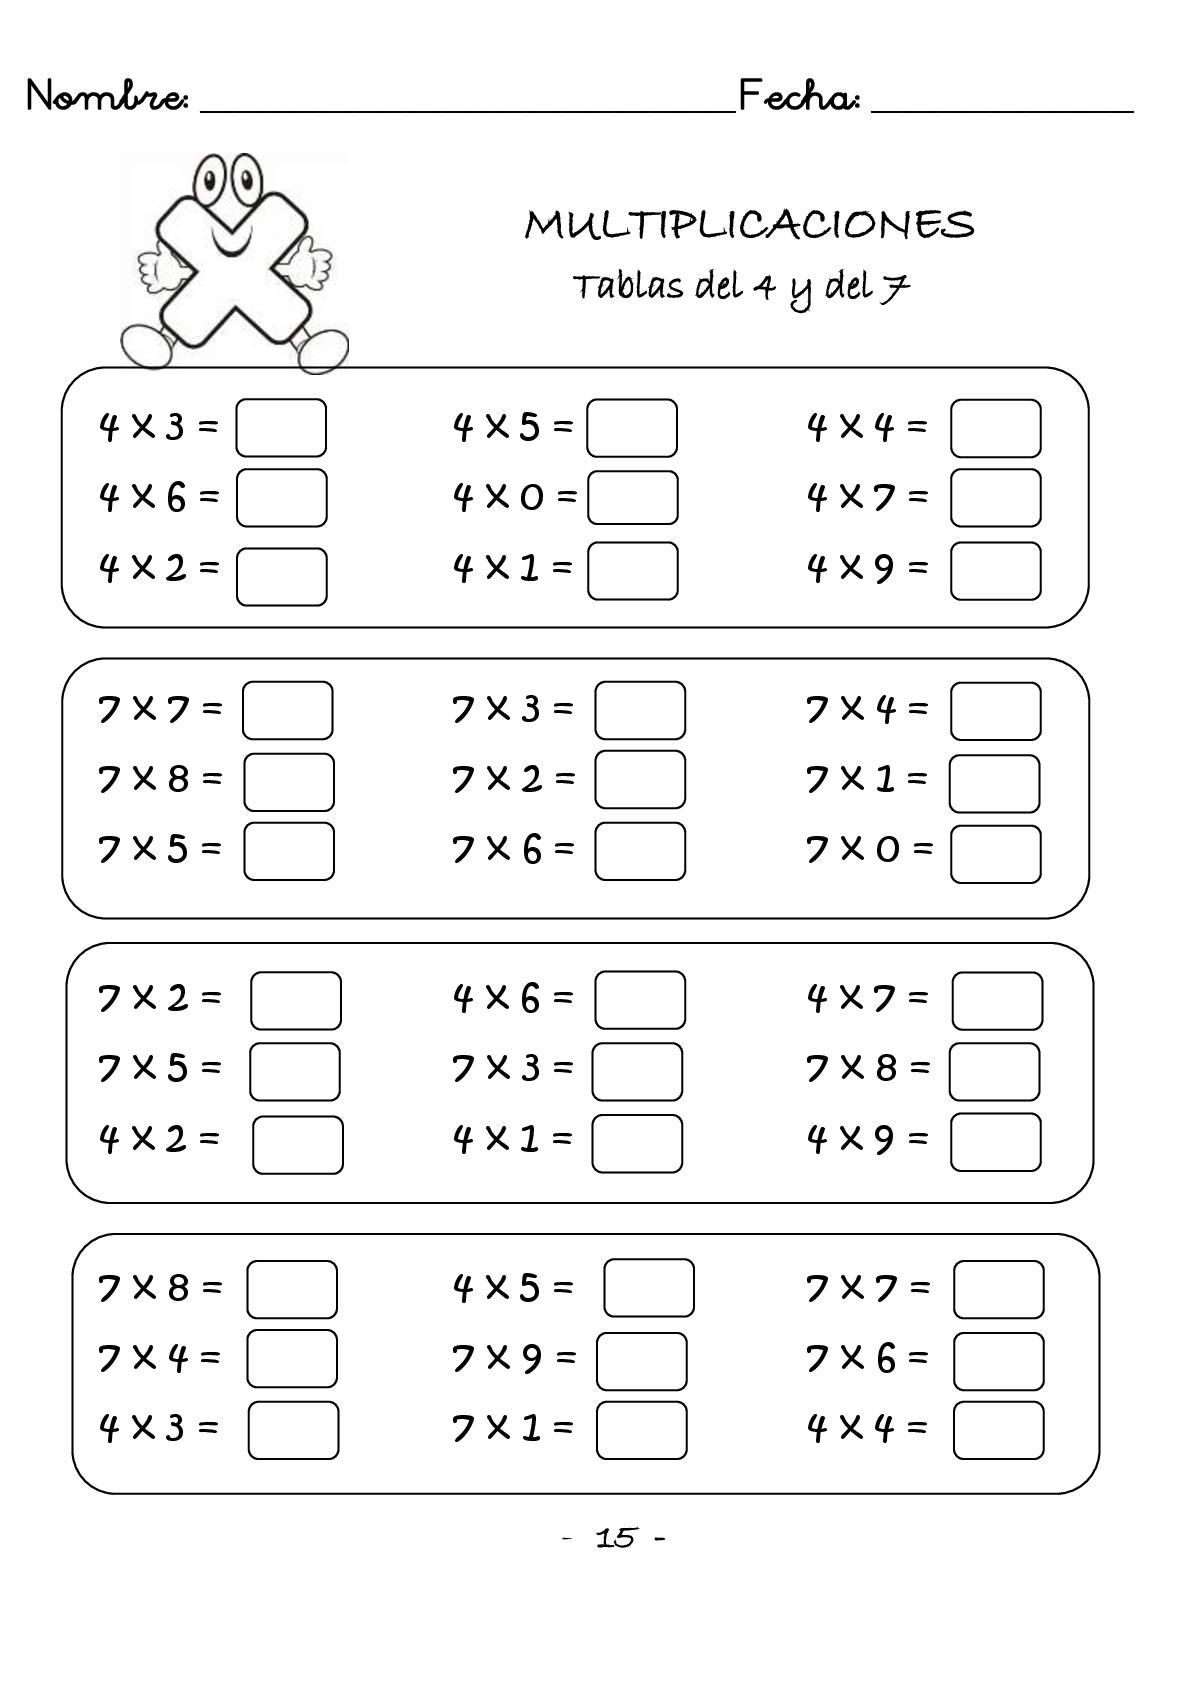 multiplicaciones-rapidas-una-cifra-protegido-016